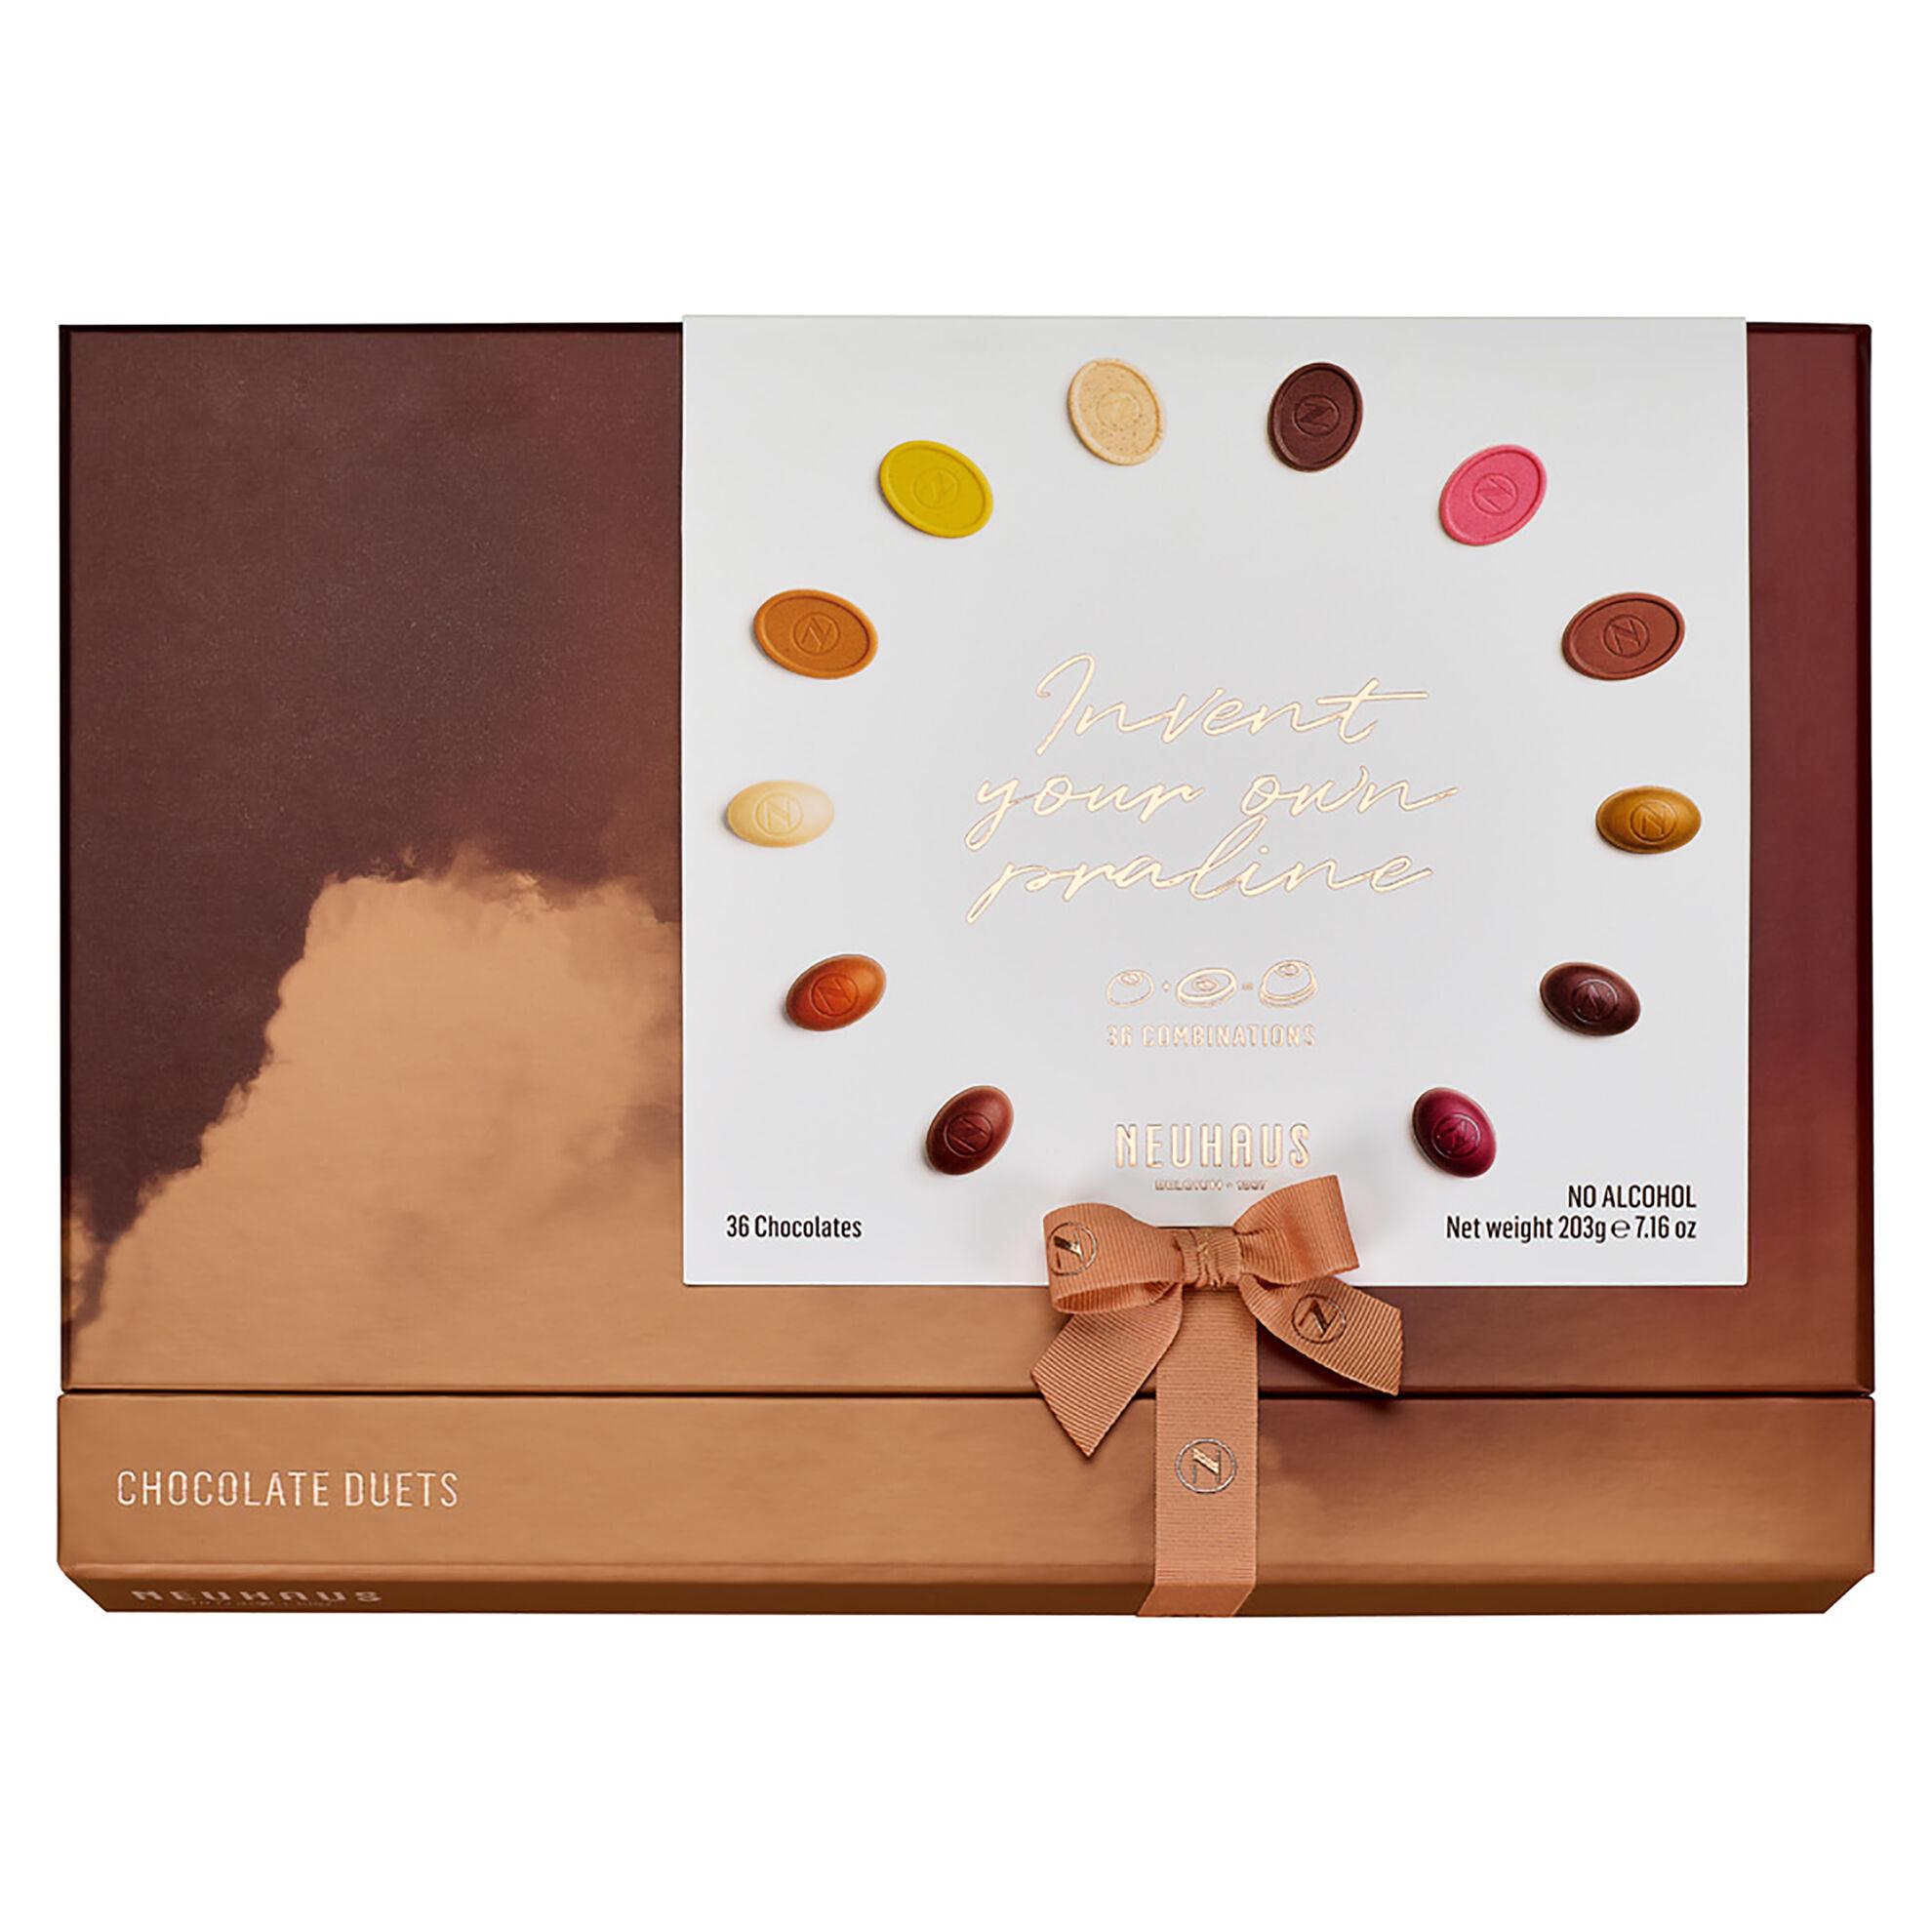 Chocolate Duets Schuifdoos image number 11